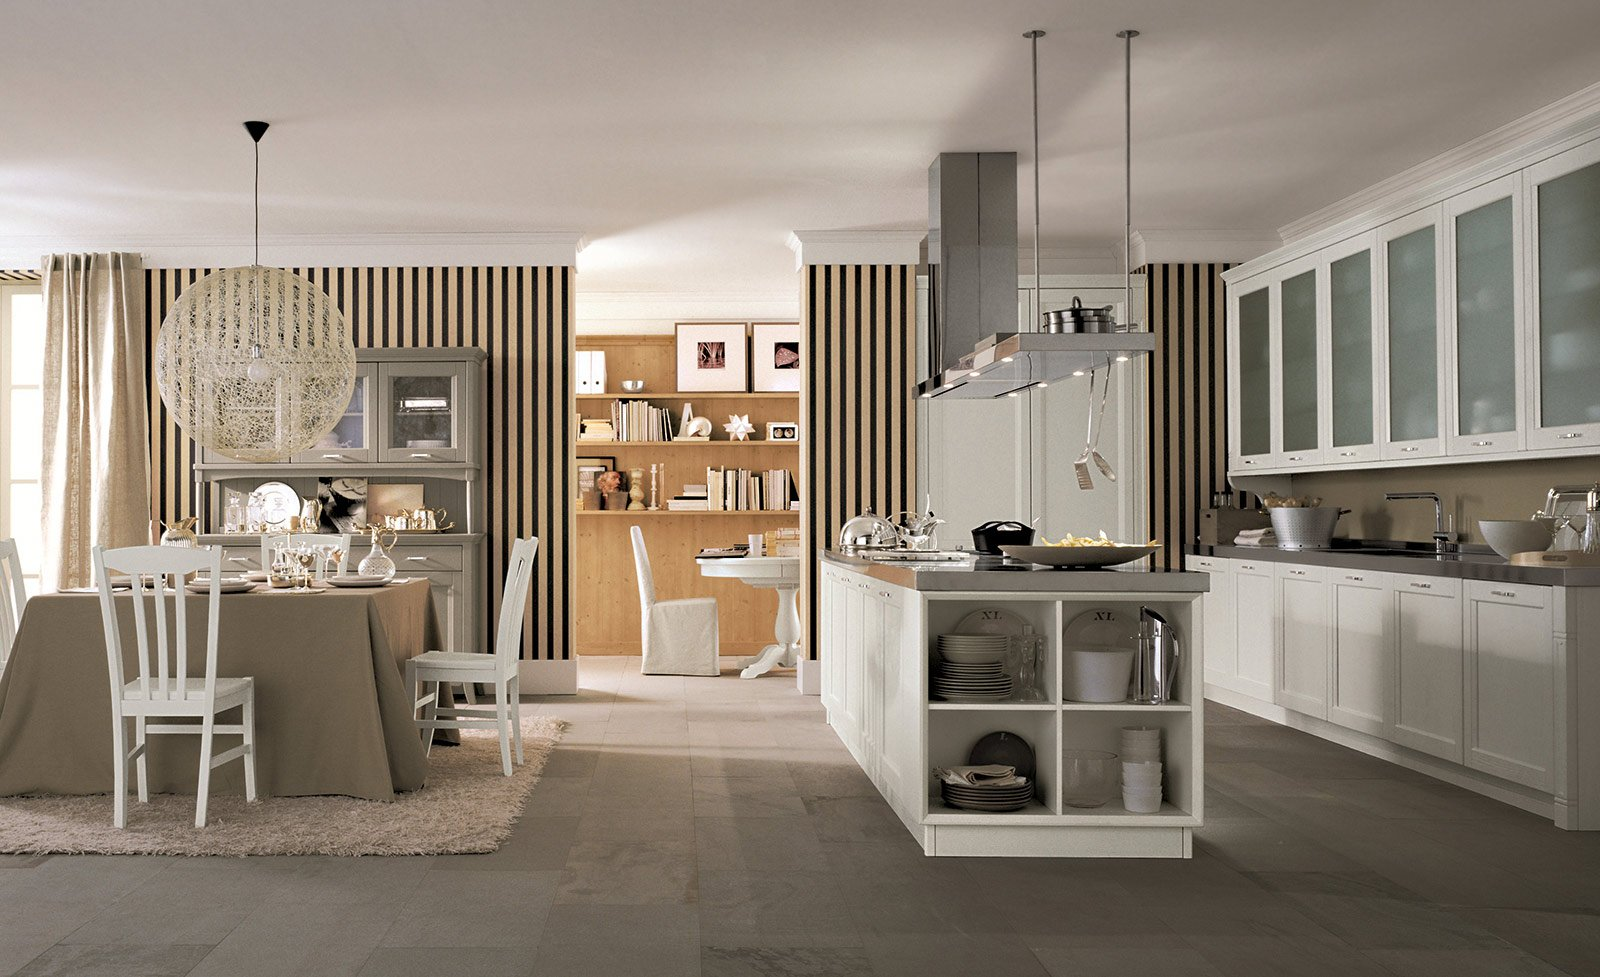 cucina: la voglio tutta bianca - cose di casa - Cappa Cucina Sospesa